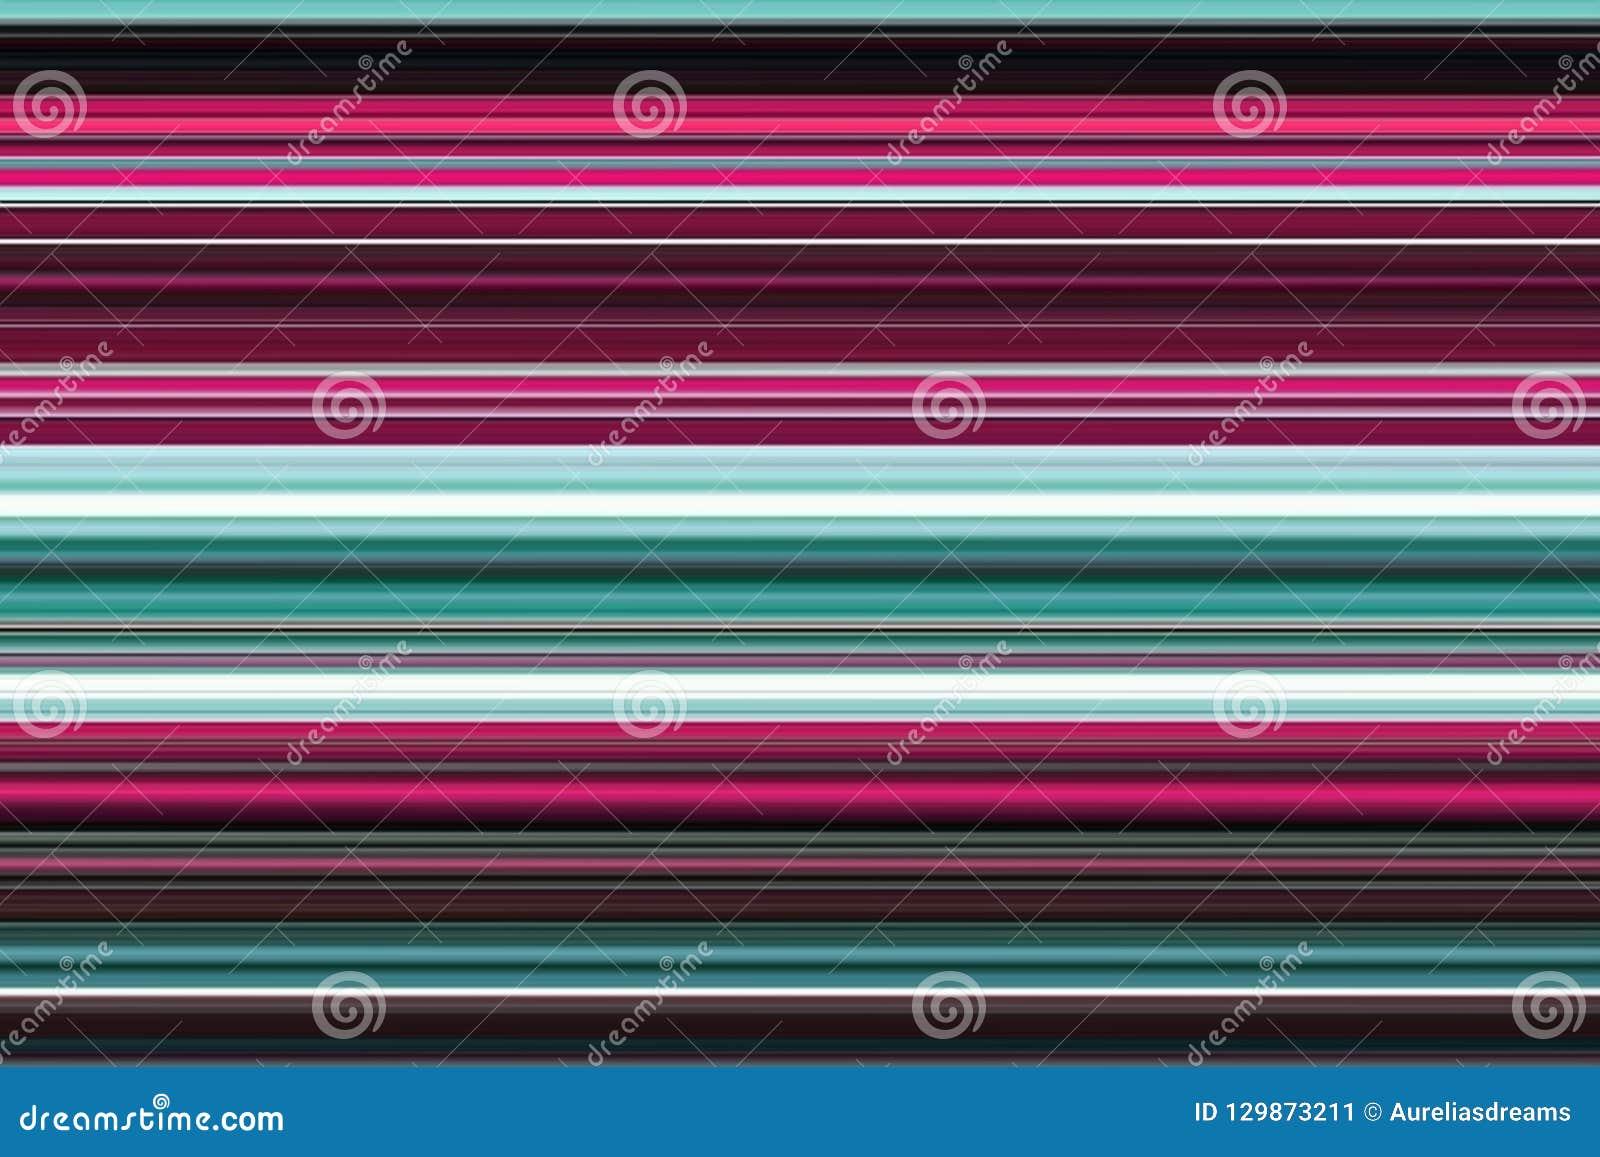 Lineas horizontales brillantes fondo, textura del extracto olorful del ¡de Ð en tonos púrpuras